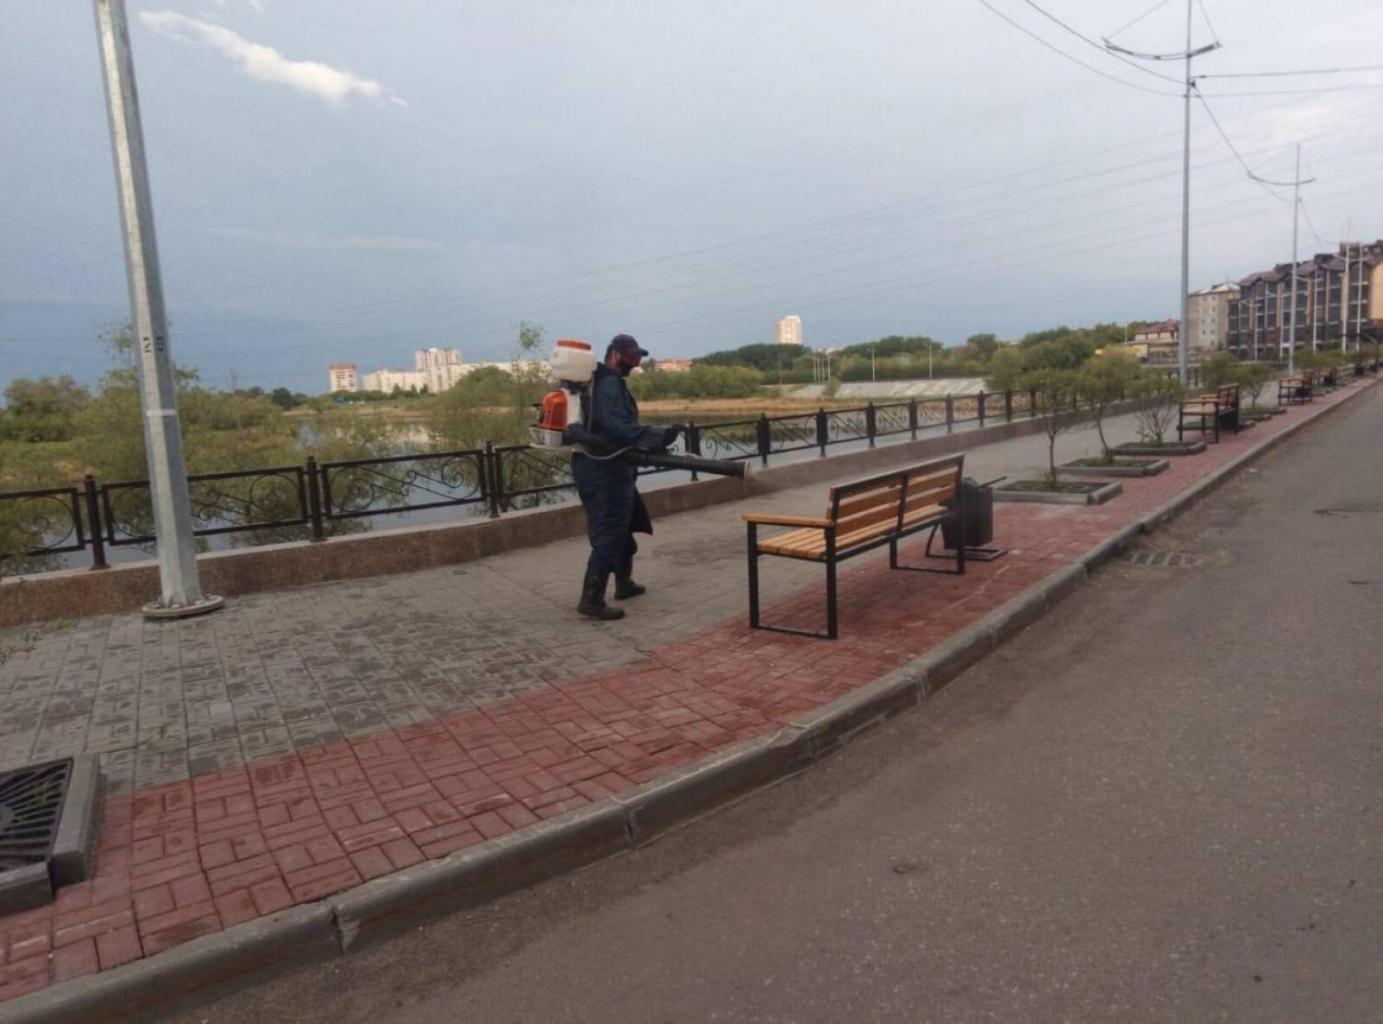 Дезинфицировали общественные пространства в границах улиц Красина, Половинской, Станционной и Куйбышева